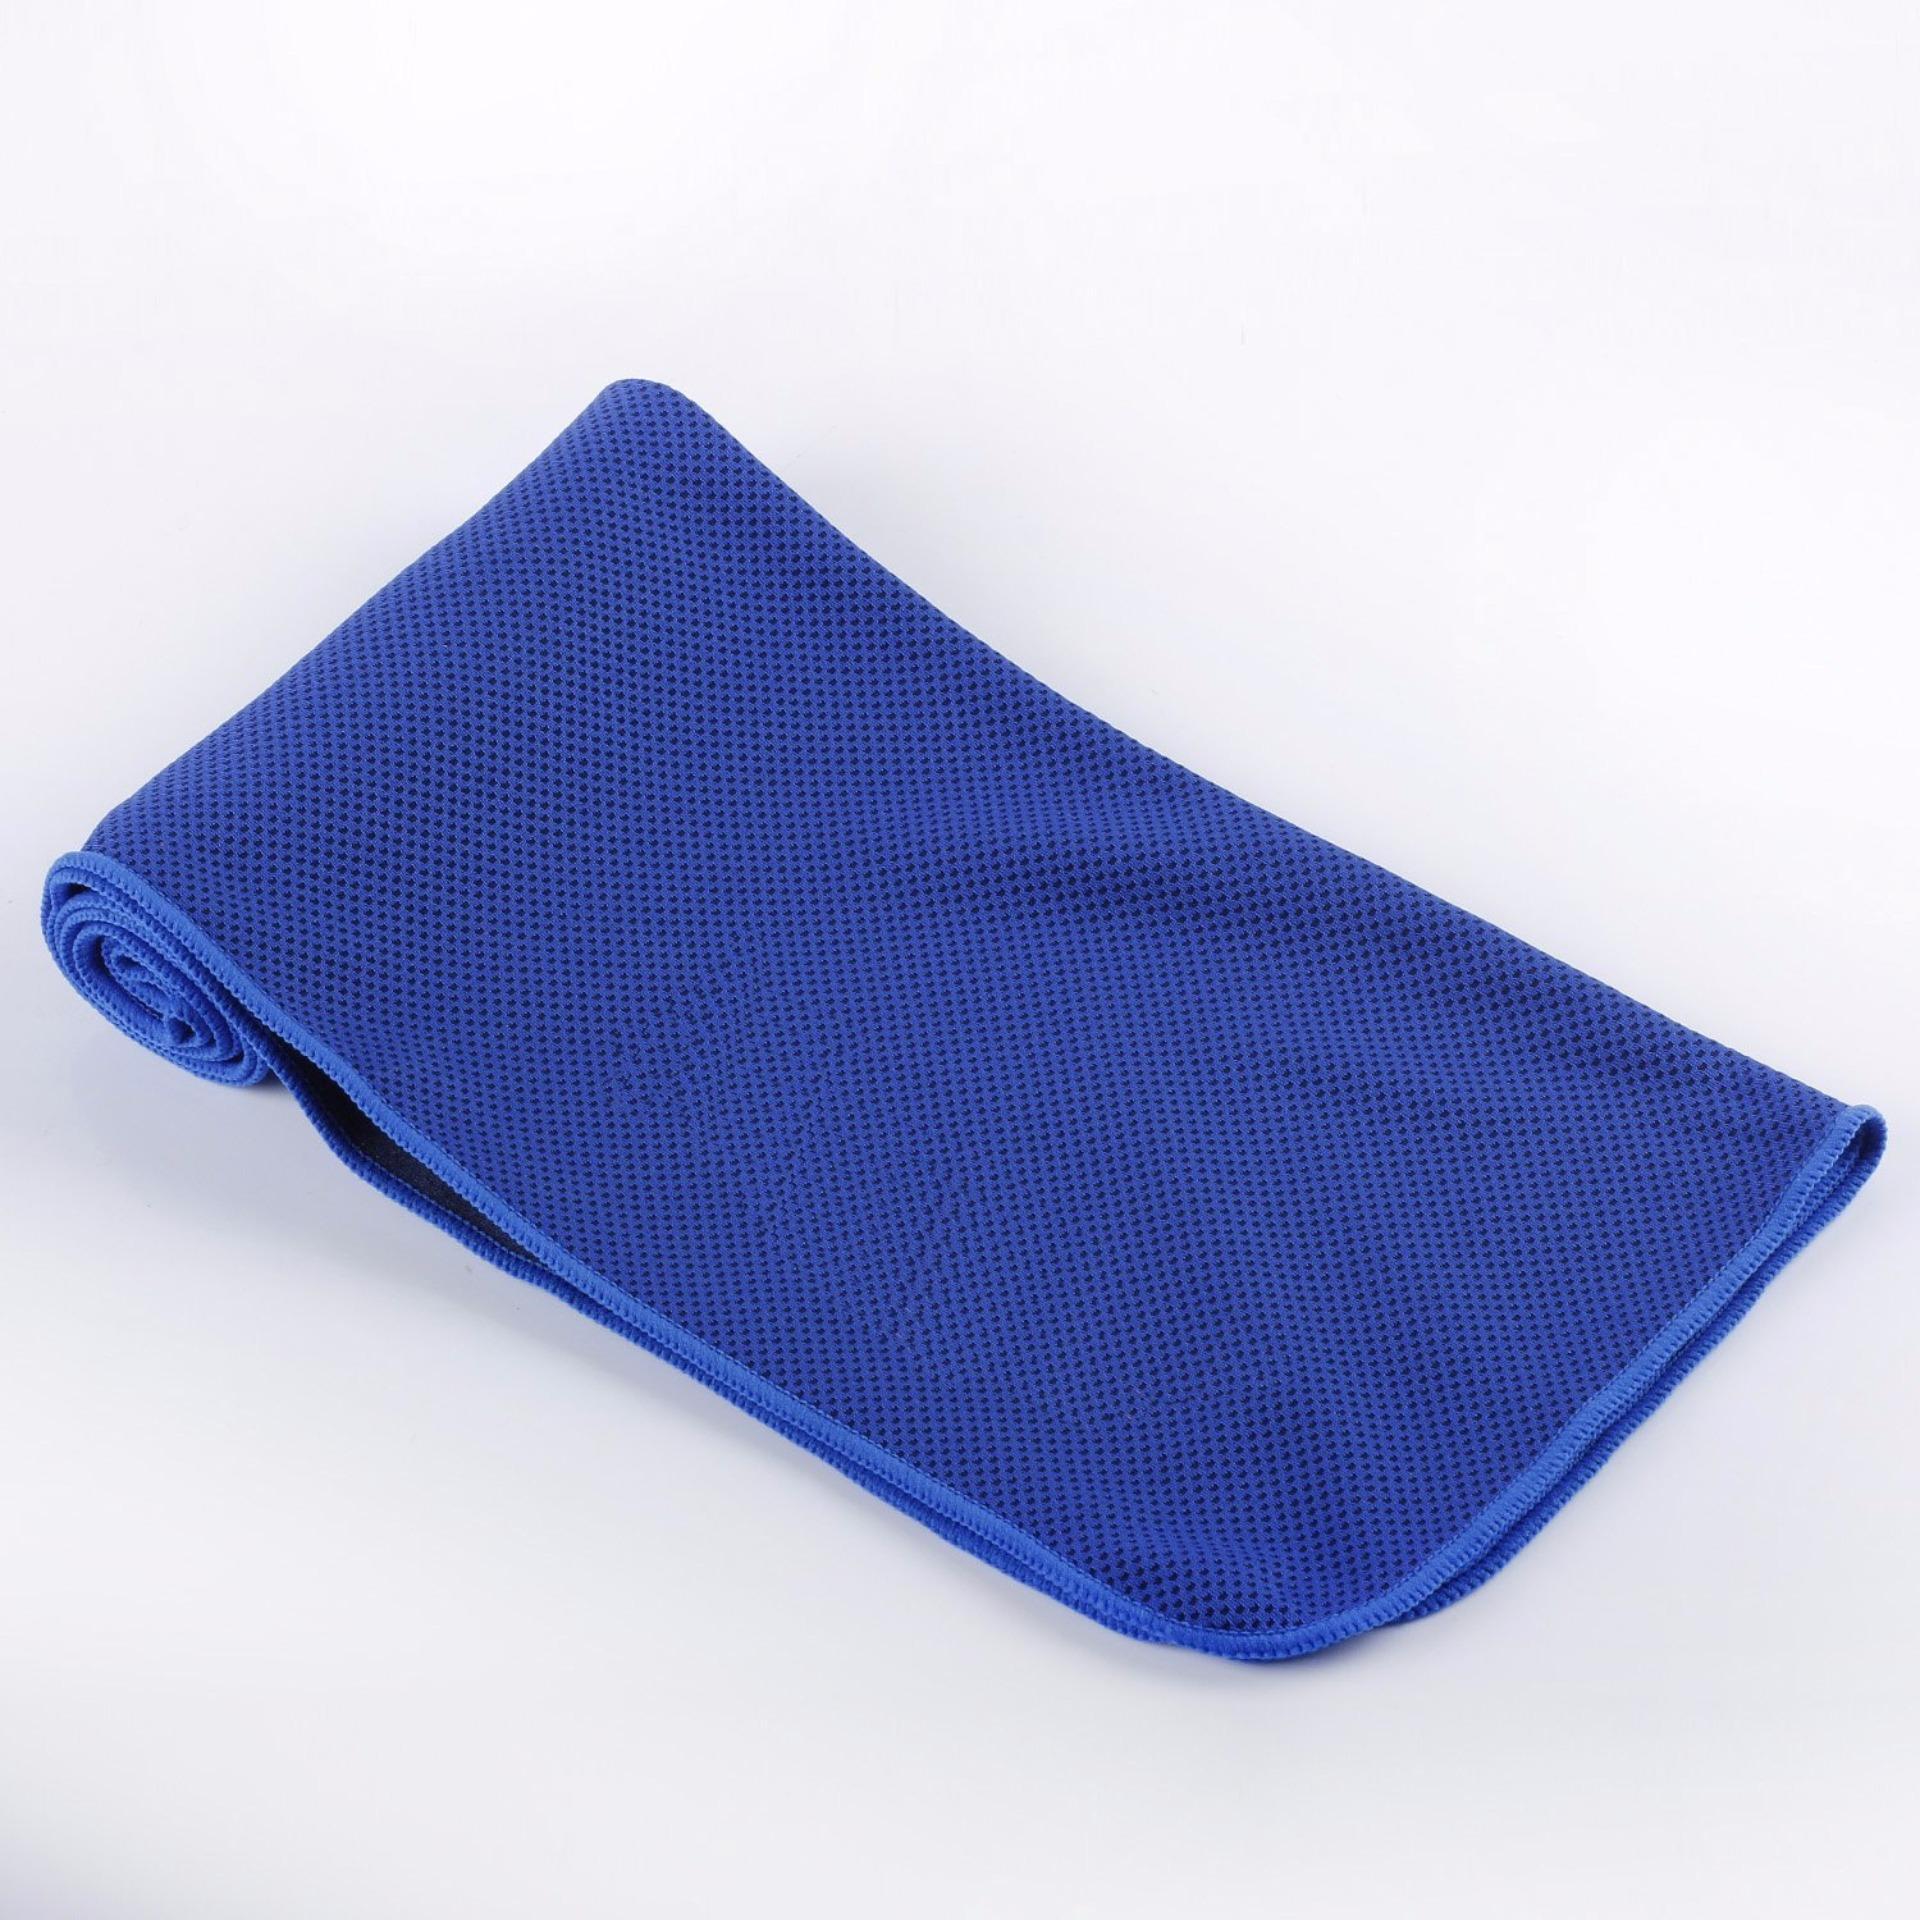 Khăn thể thao, khăn siêu mát, khăn lạnh thể thao gọn nhẹ Cooltime POPO Collection 15